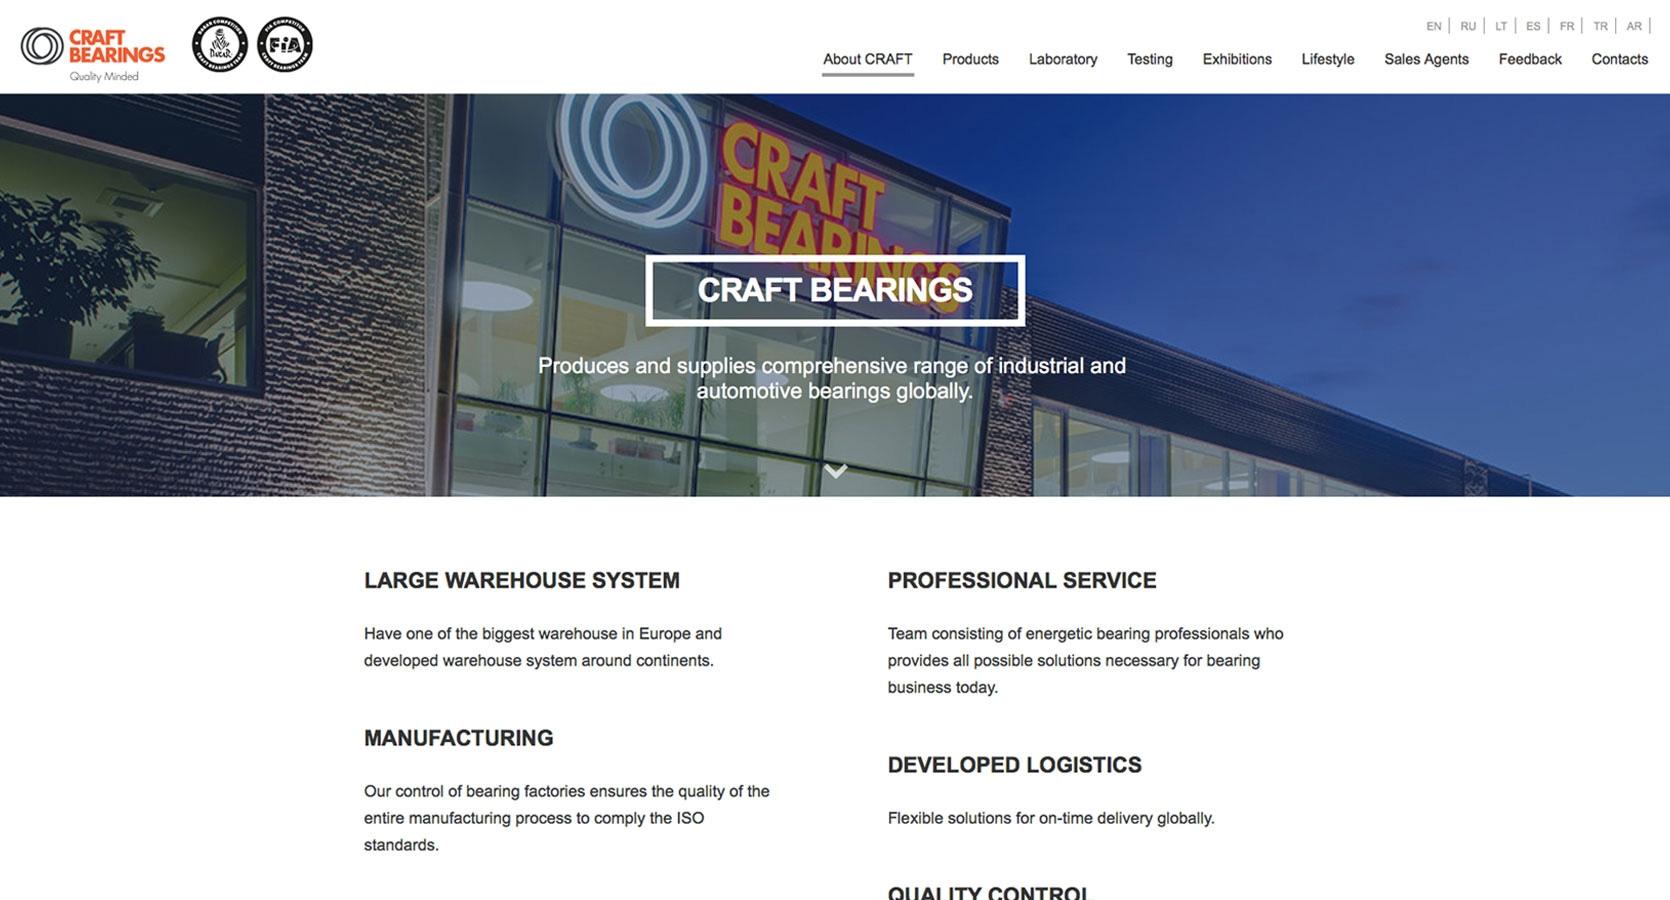 PIXELART - internetinių tinklalapių kūrimas. Išskirtinio dizaino internetinių tinklalapių kūrimas. Internetinių tinklalapių kūrimas: Vilniuje, Kaune, Šiauliuose, Klaipėdoje, Panevėžyje.